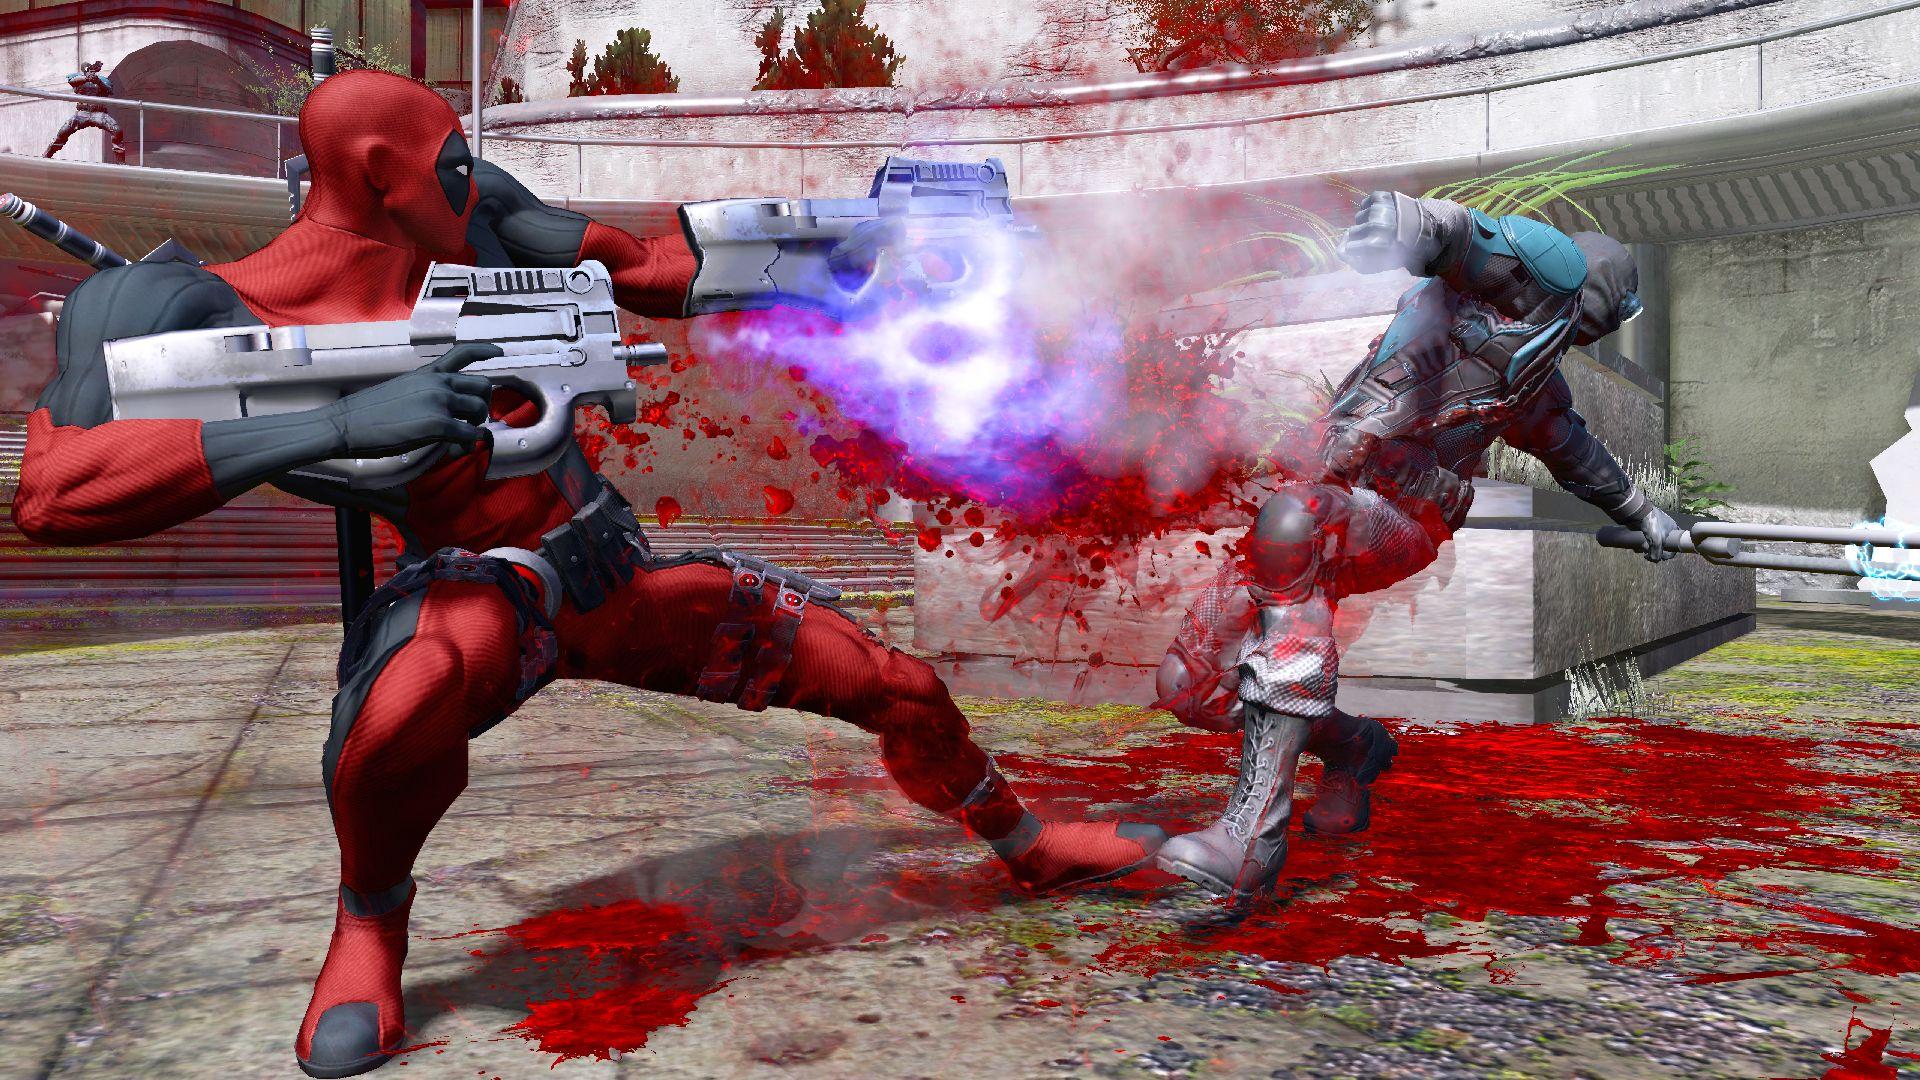 Muito sangue vai jorrar dos inimigos de Deadpool (Foto: Divulgação)